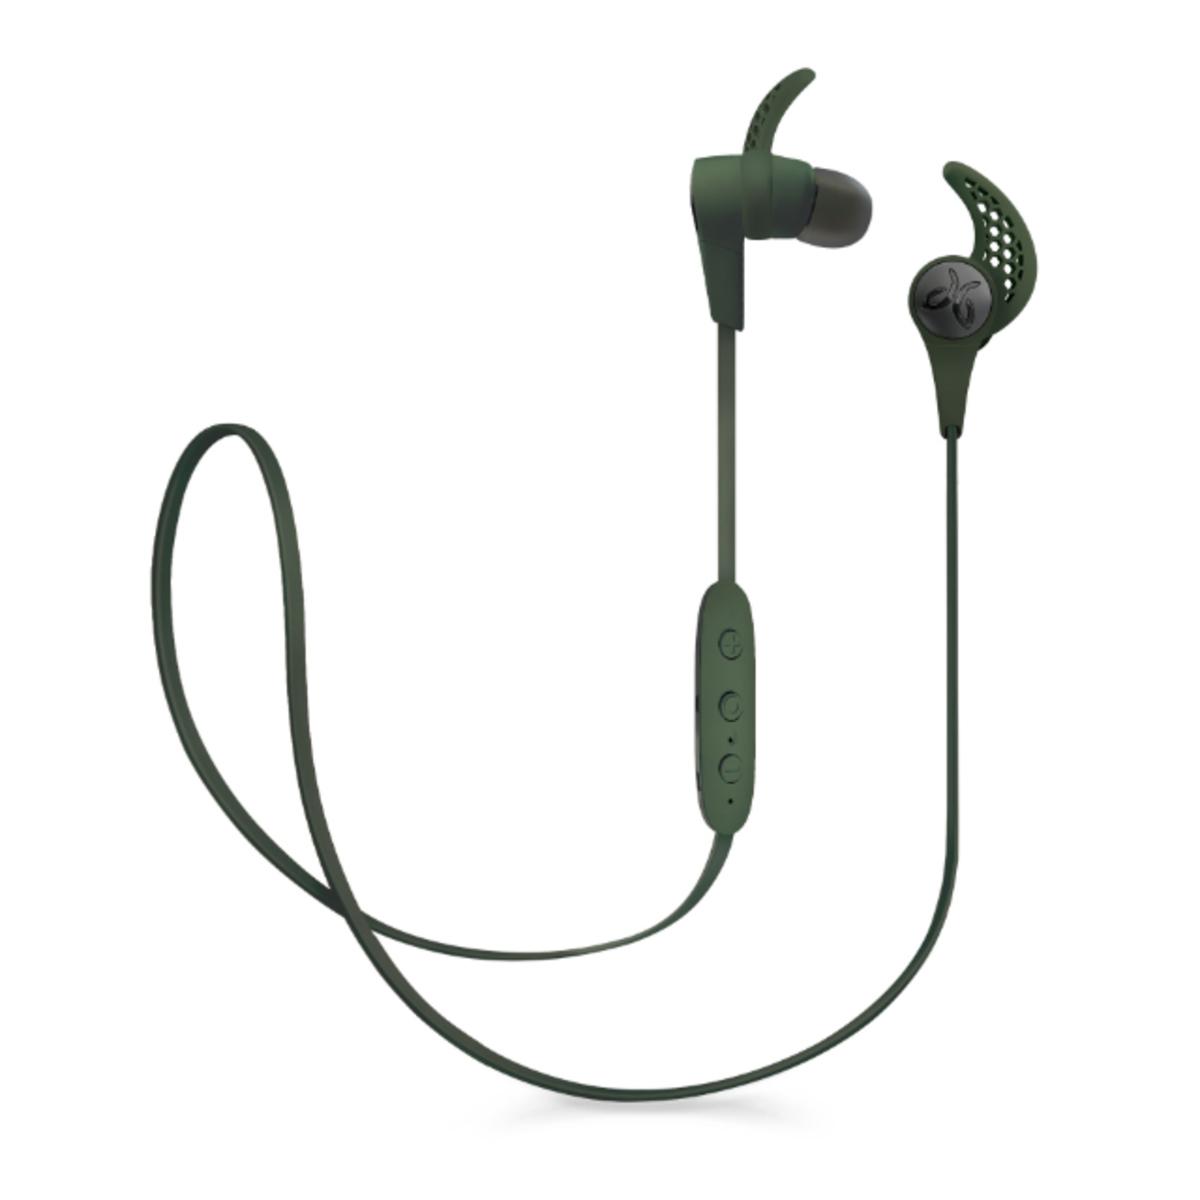 X3 運動藍牙無線耳機 (綠) - Alpha